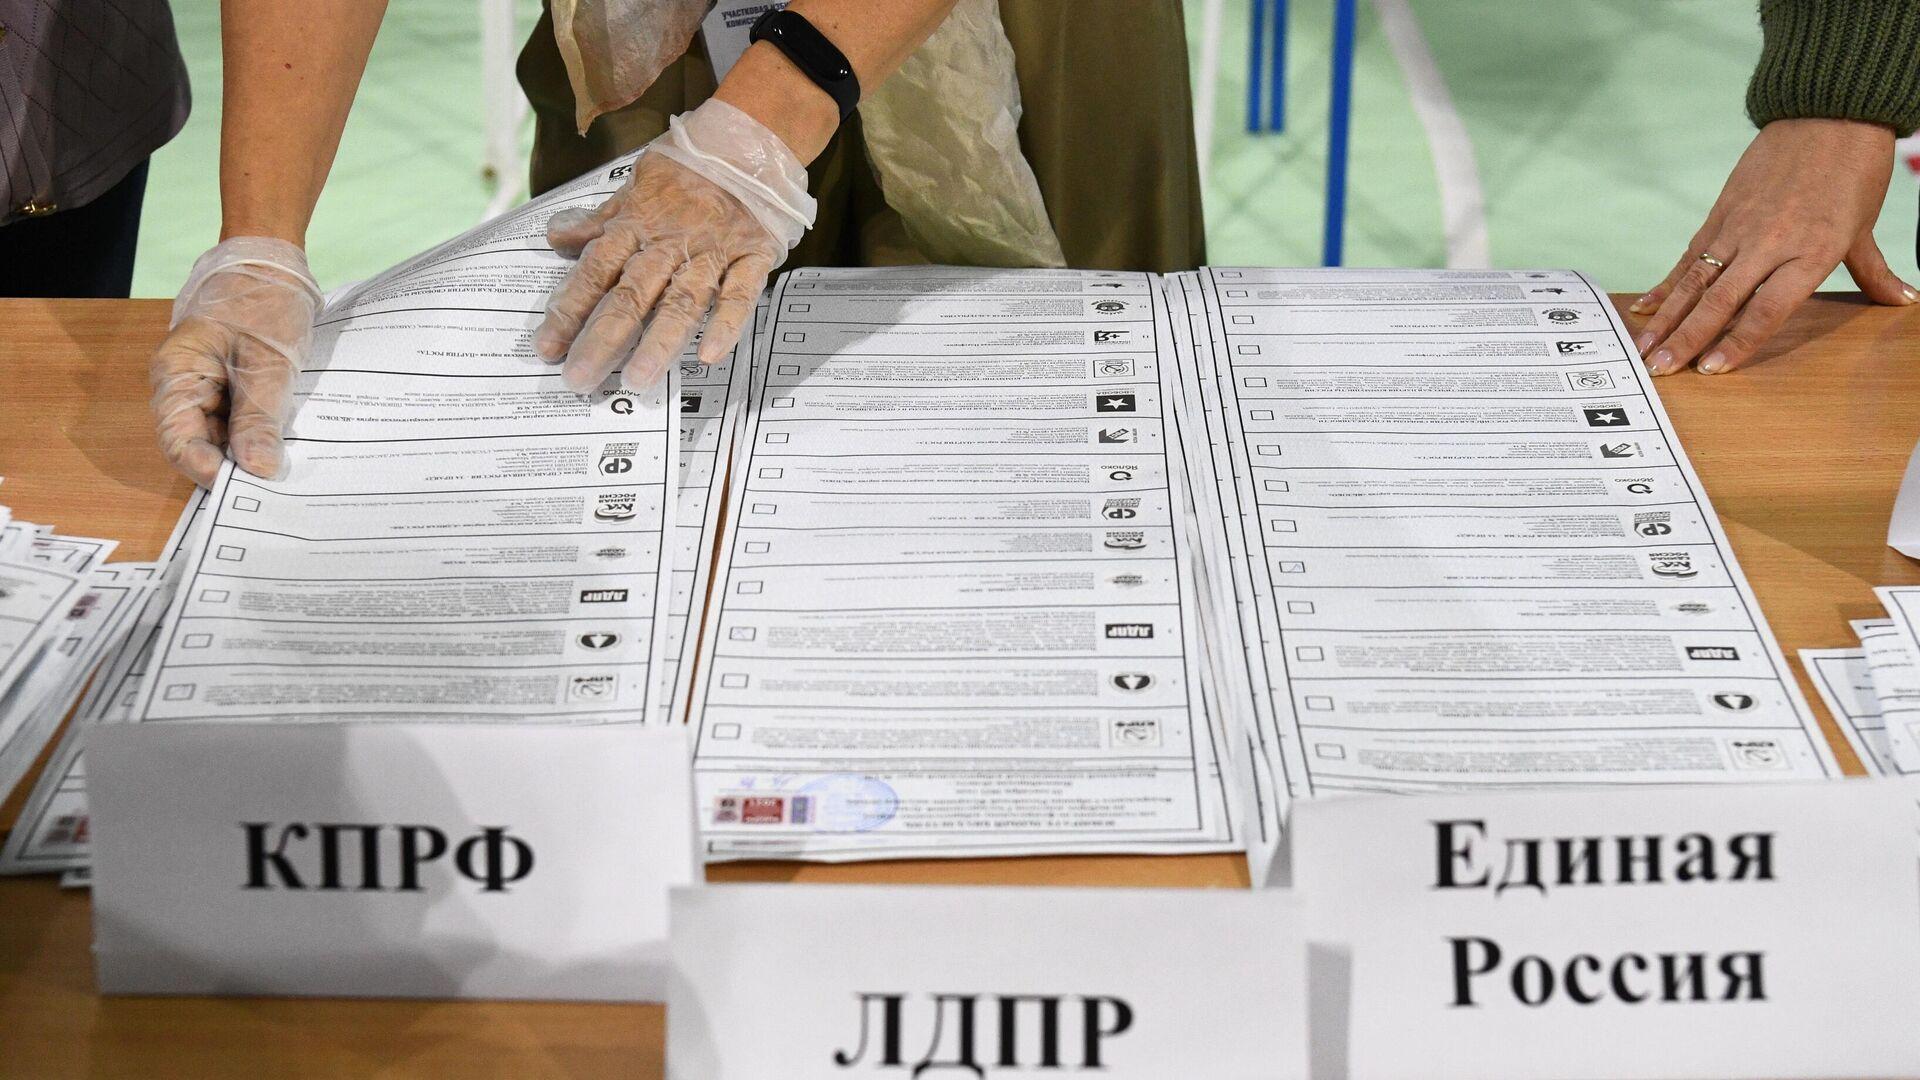 Сортировка бюллетеней во время подсчета голосов после закрытия избирательного участка в Новосибирске - РИА Новости, 1920, 20.09.2021